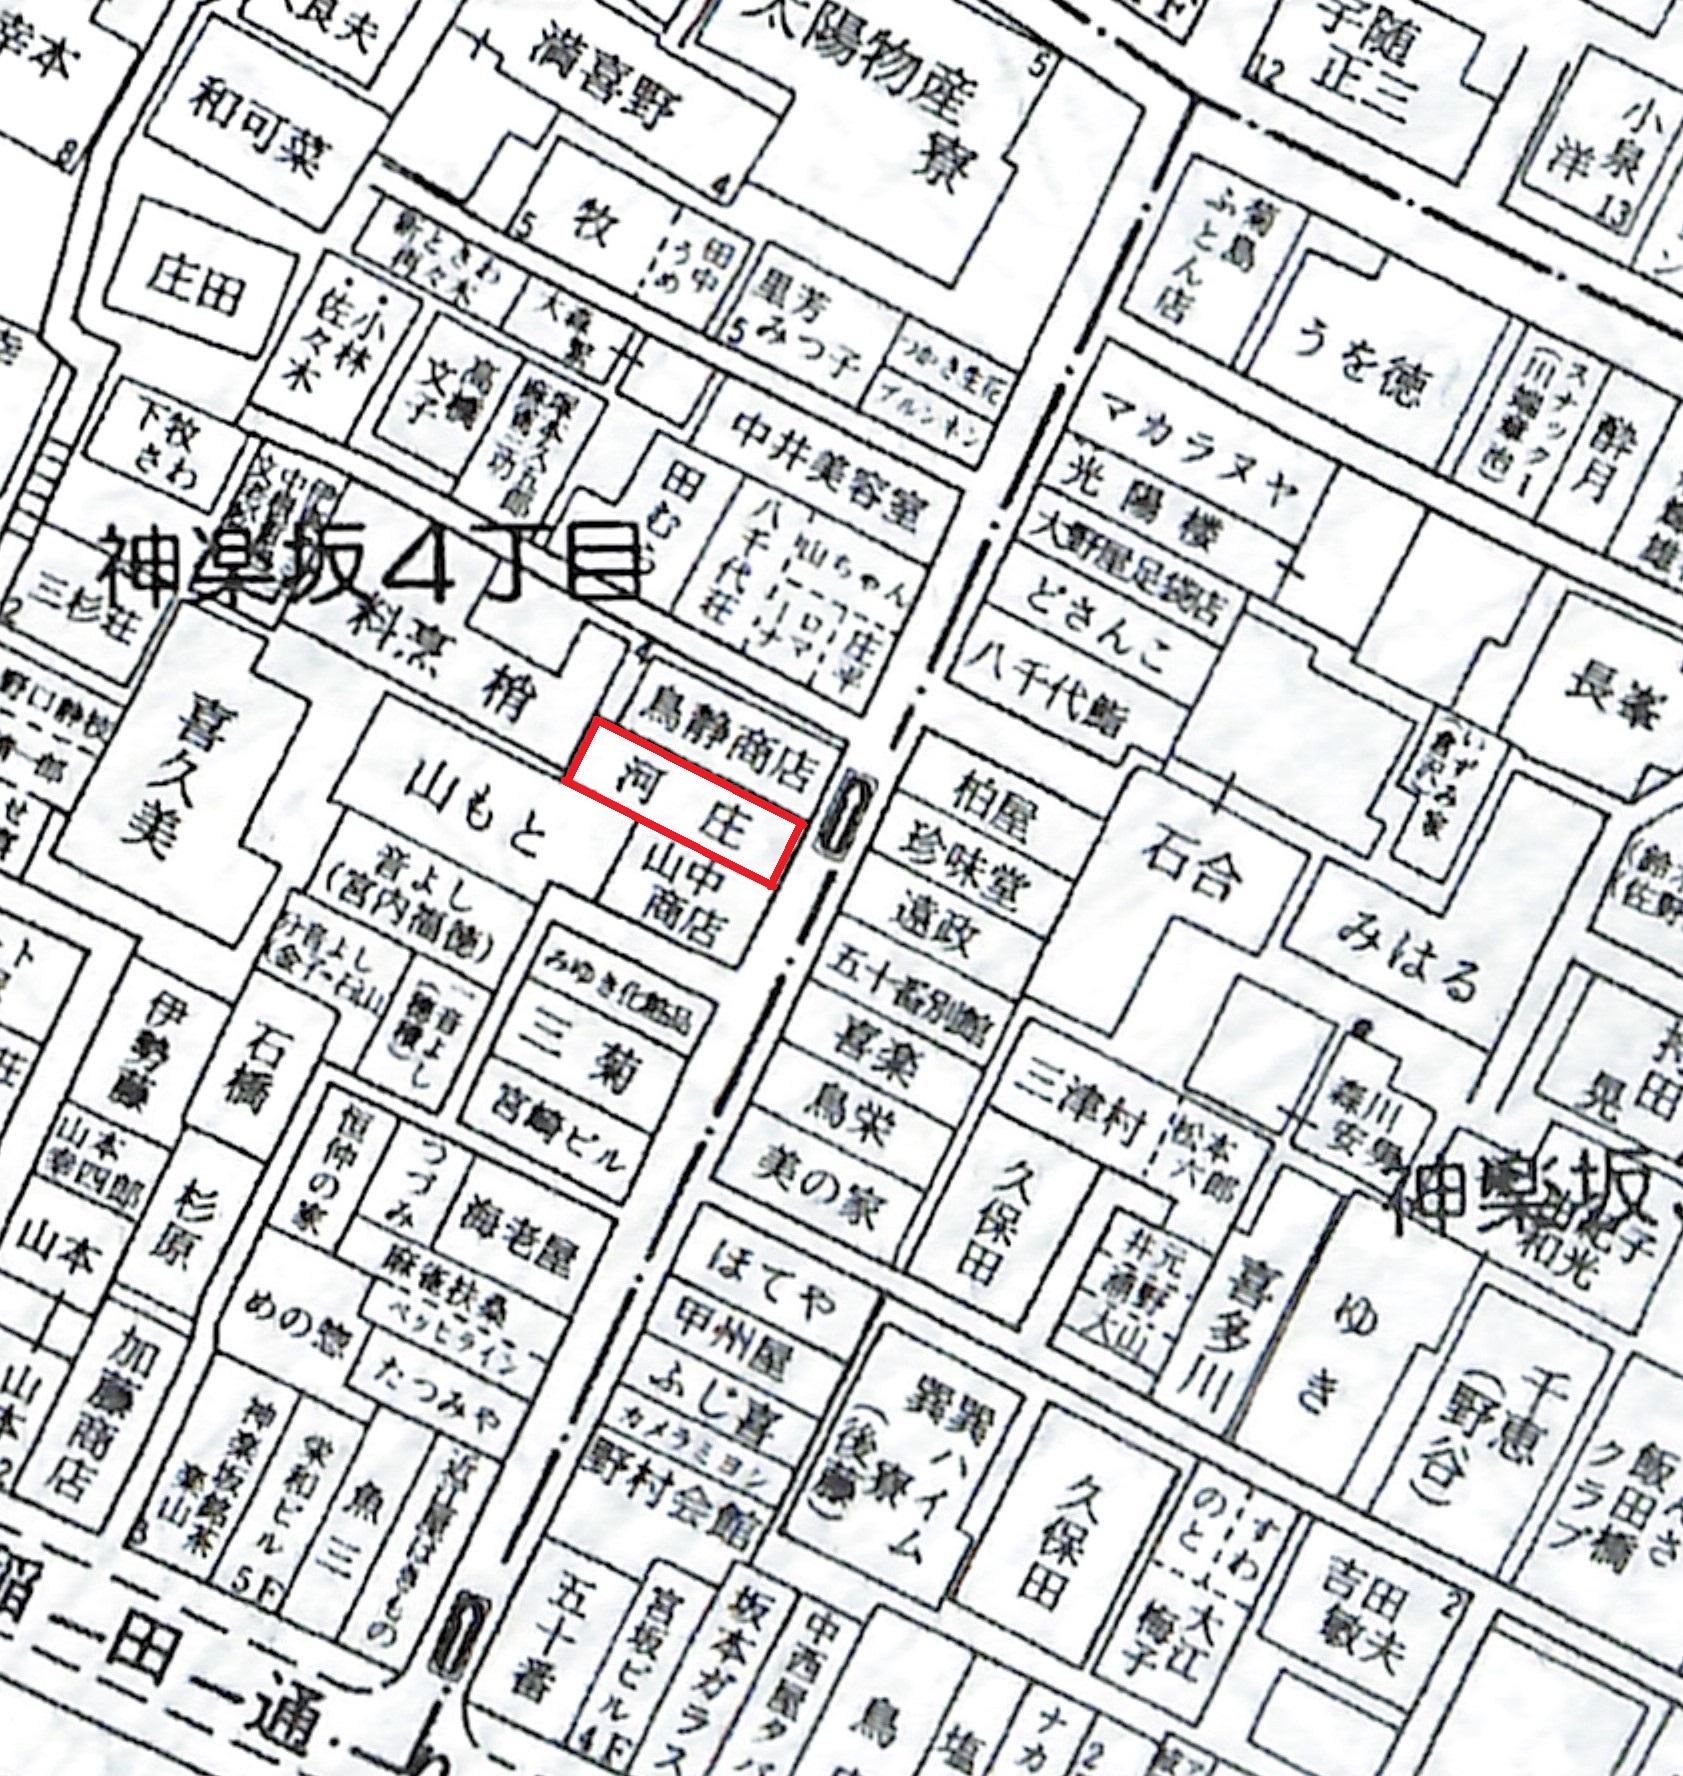 住宅地図。1984年